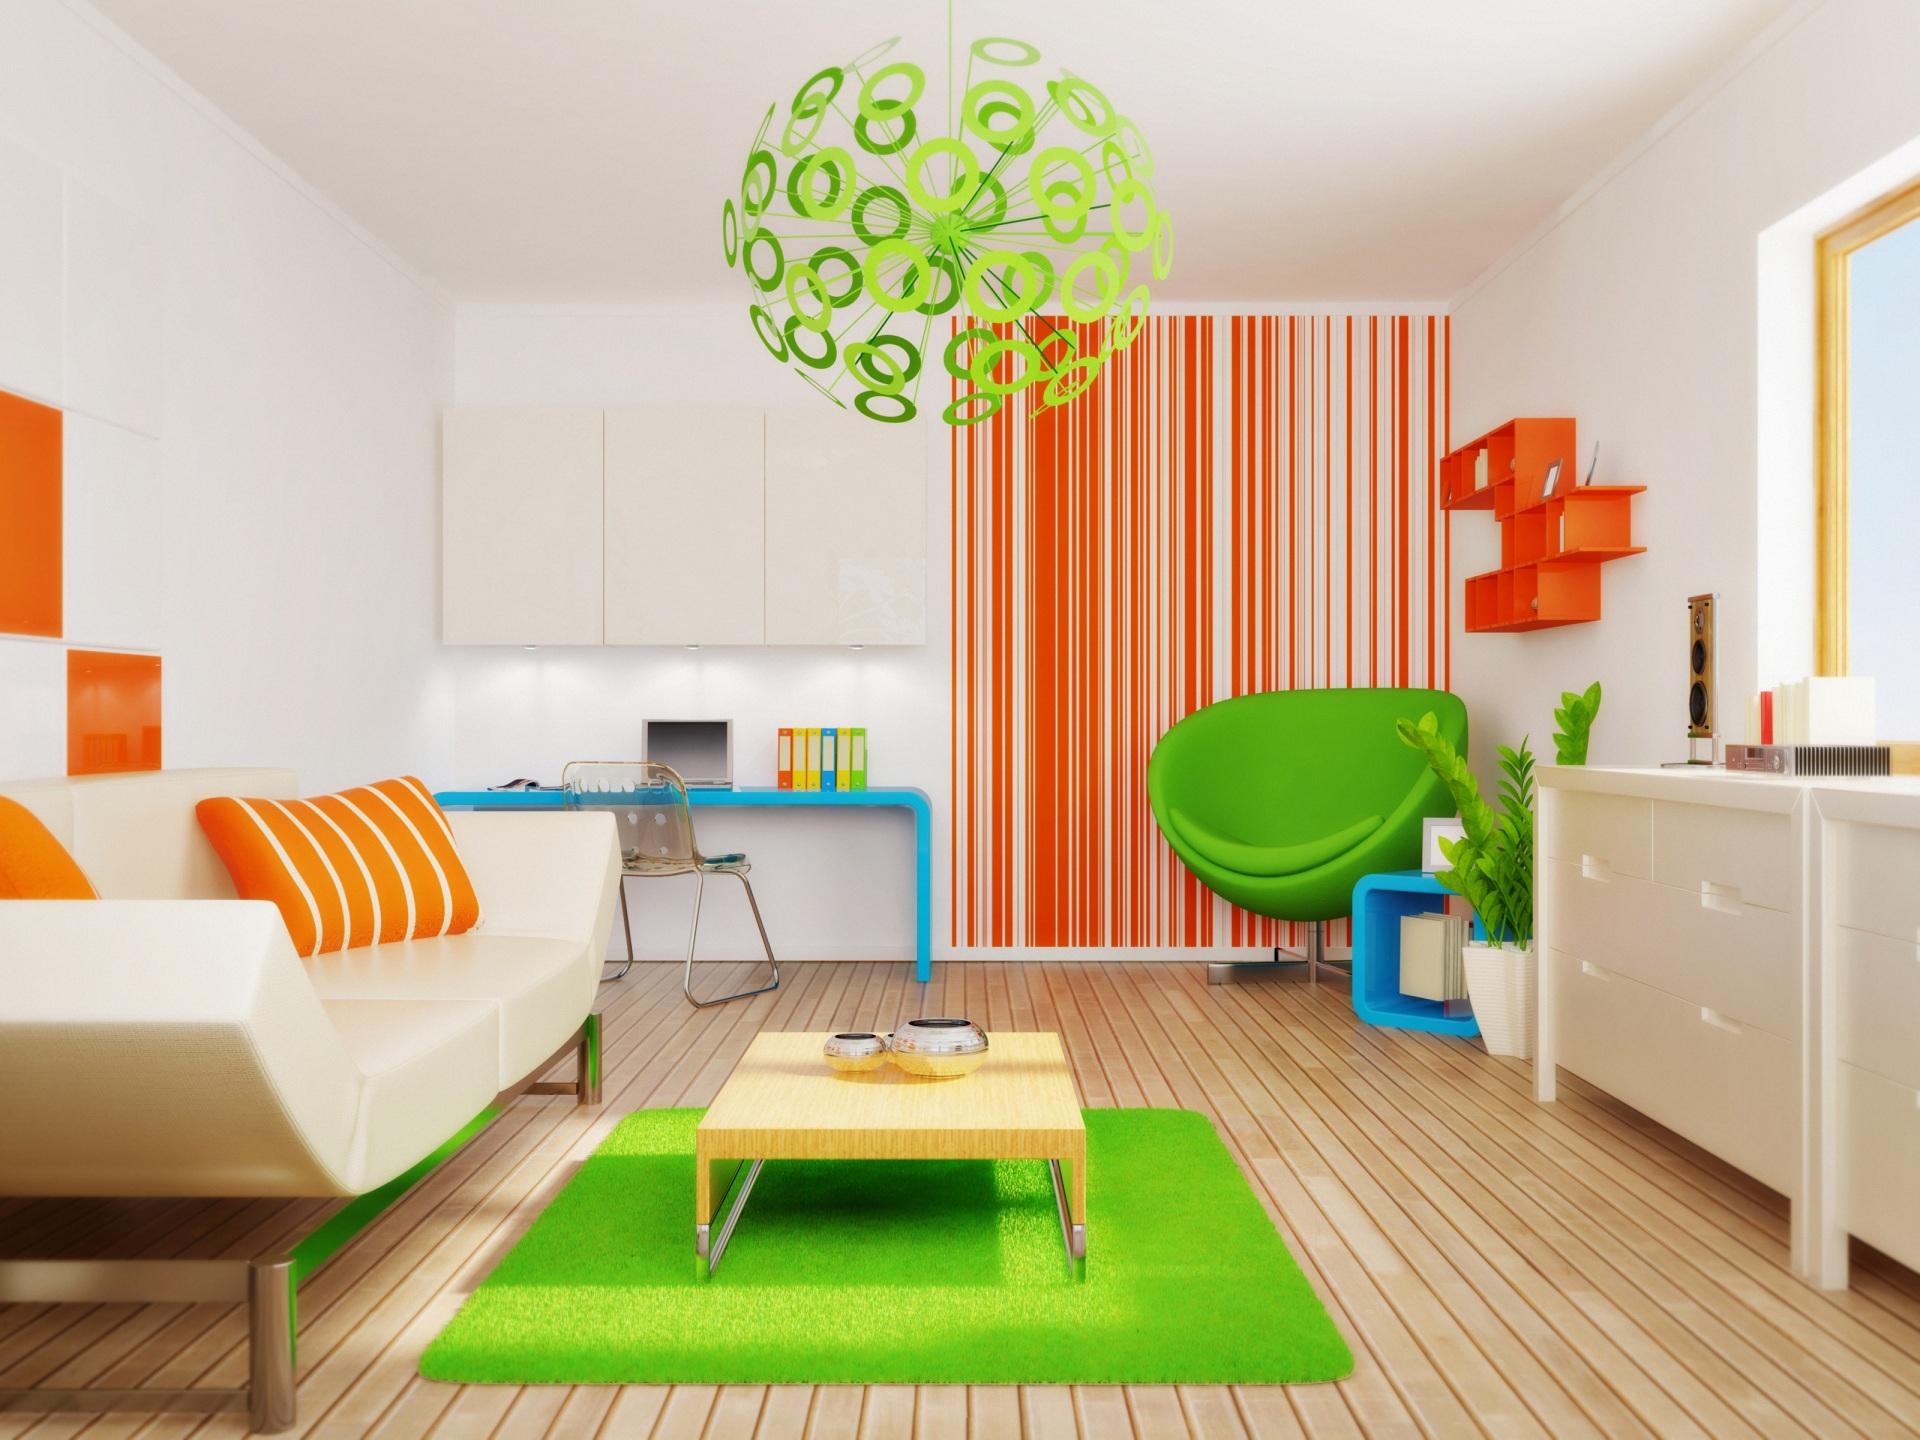 Картинка Детская комната 3D Графика Интерьер Диван Люстра Кресло Дизайн 1920x1440 3д люстры диване дизайна